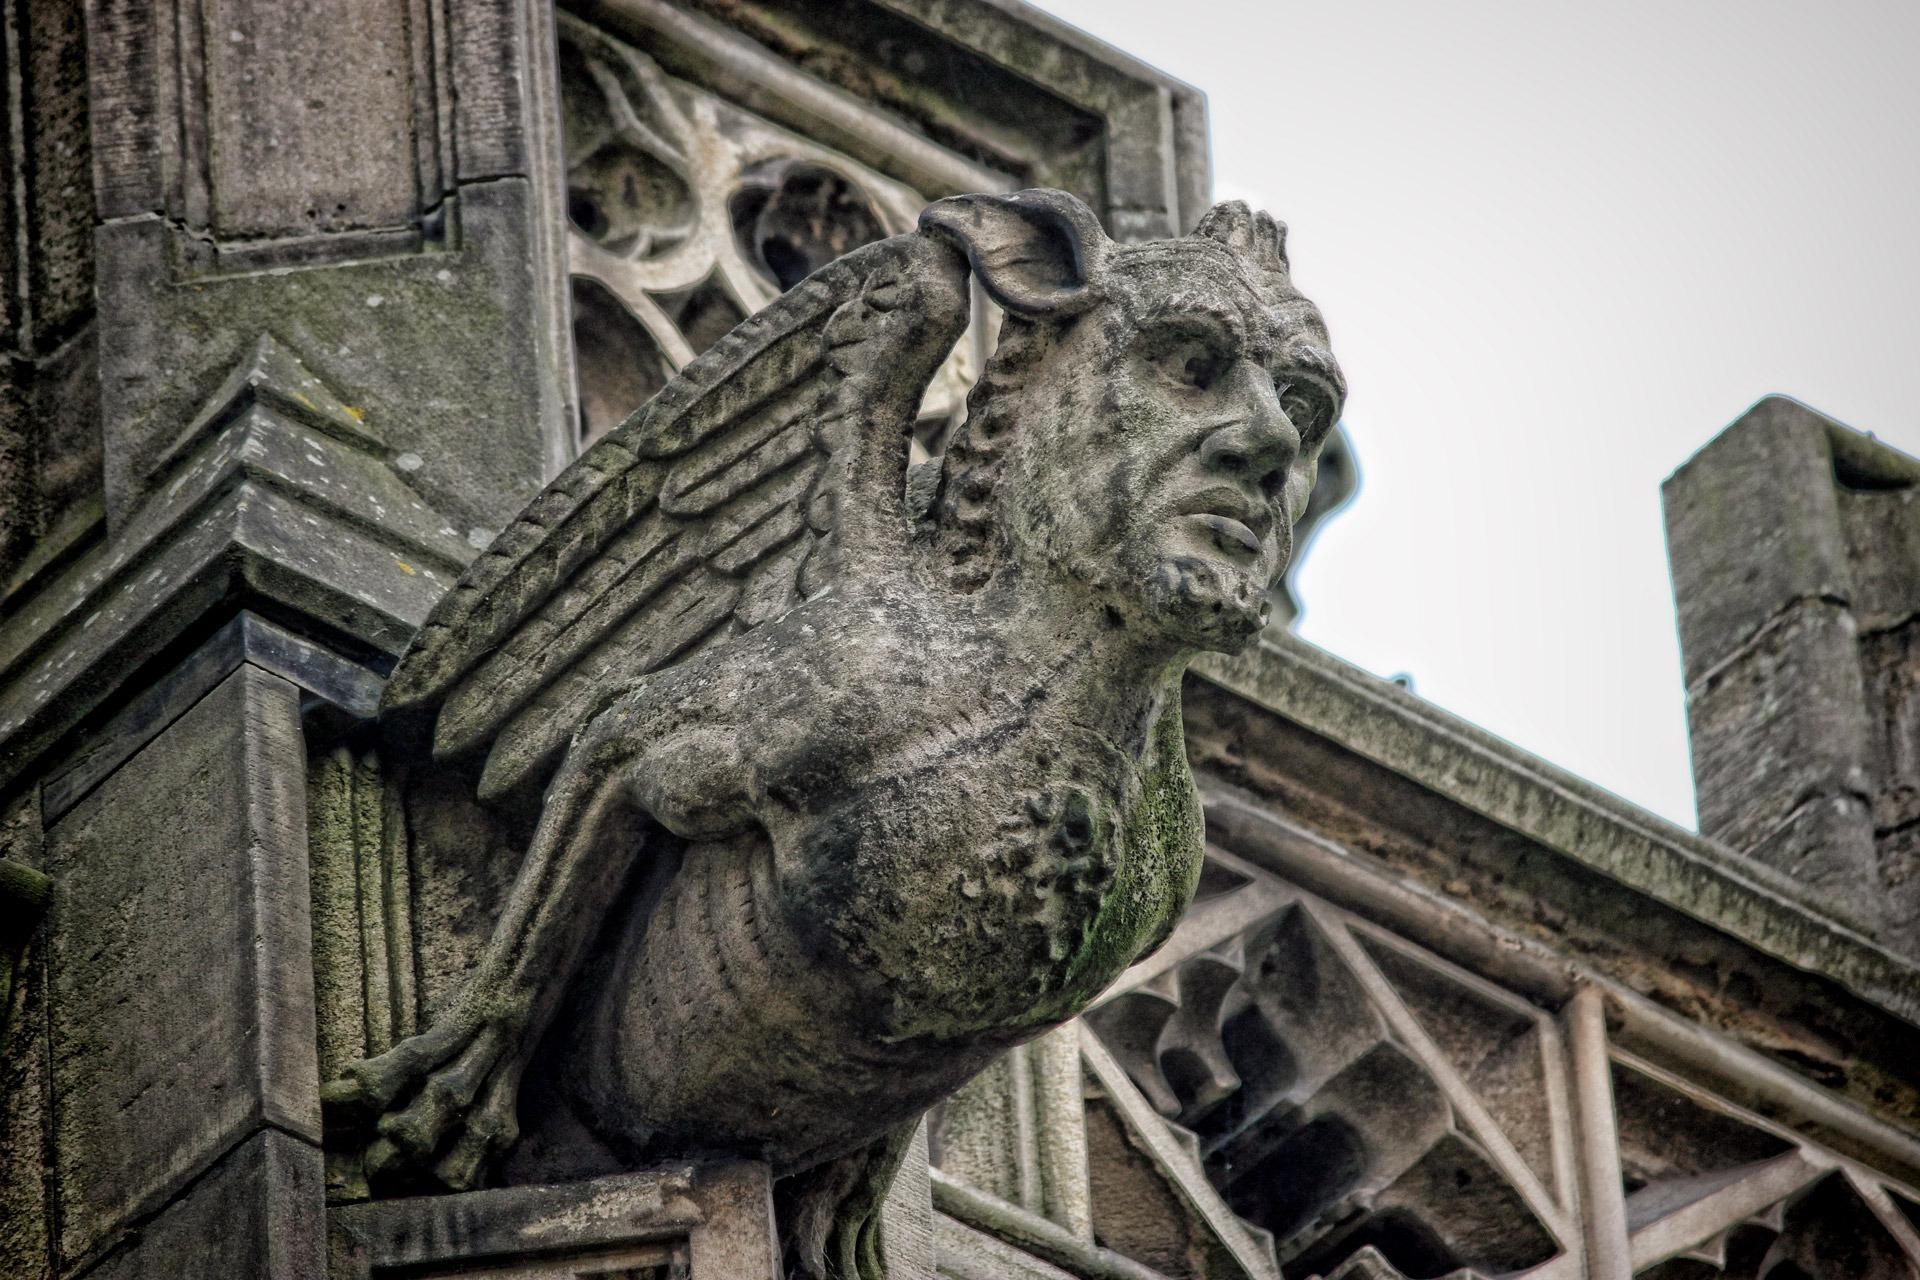 무료 이미지 늙은 기념물 동상 성당 고딕 석상 맨체스터 조각 미술 신전 악마 돌로